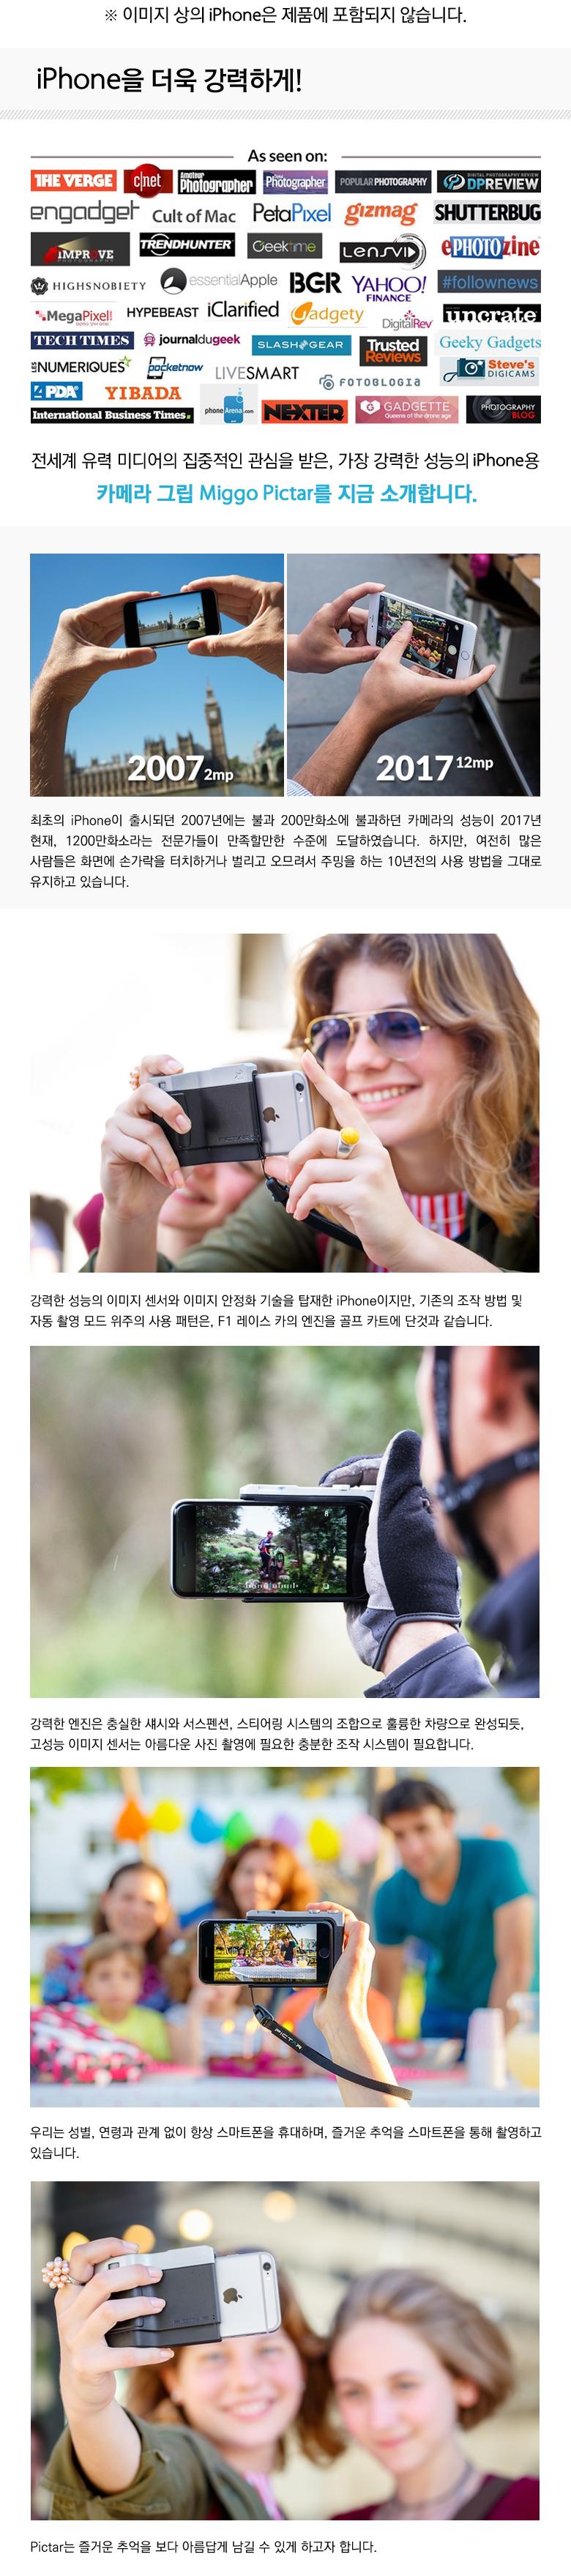 아이폰전용 Miggo Pictar for Iphone - 썬포토, 155,000원, 케이스, 아이폰7/8